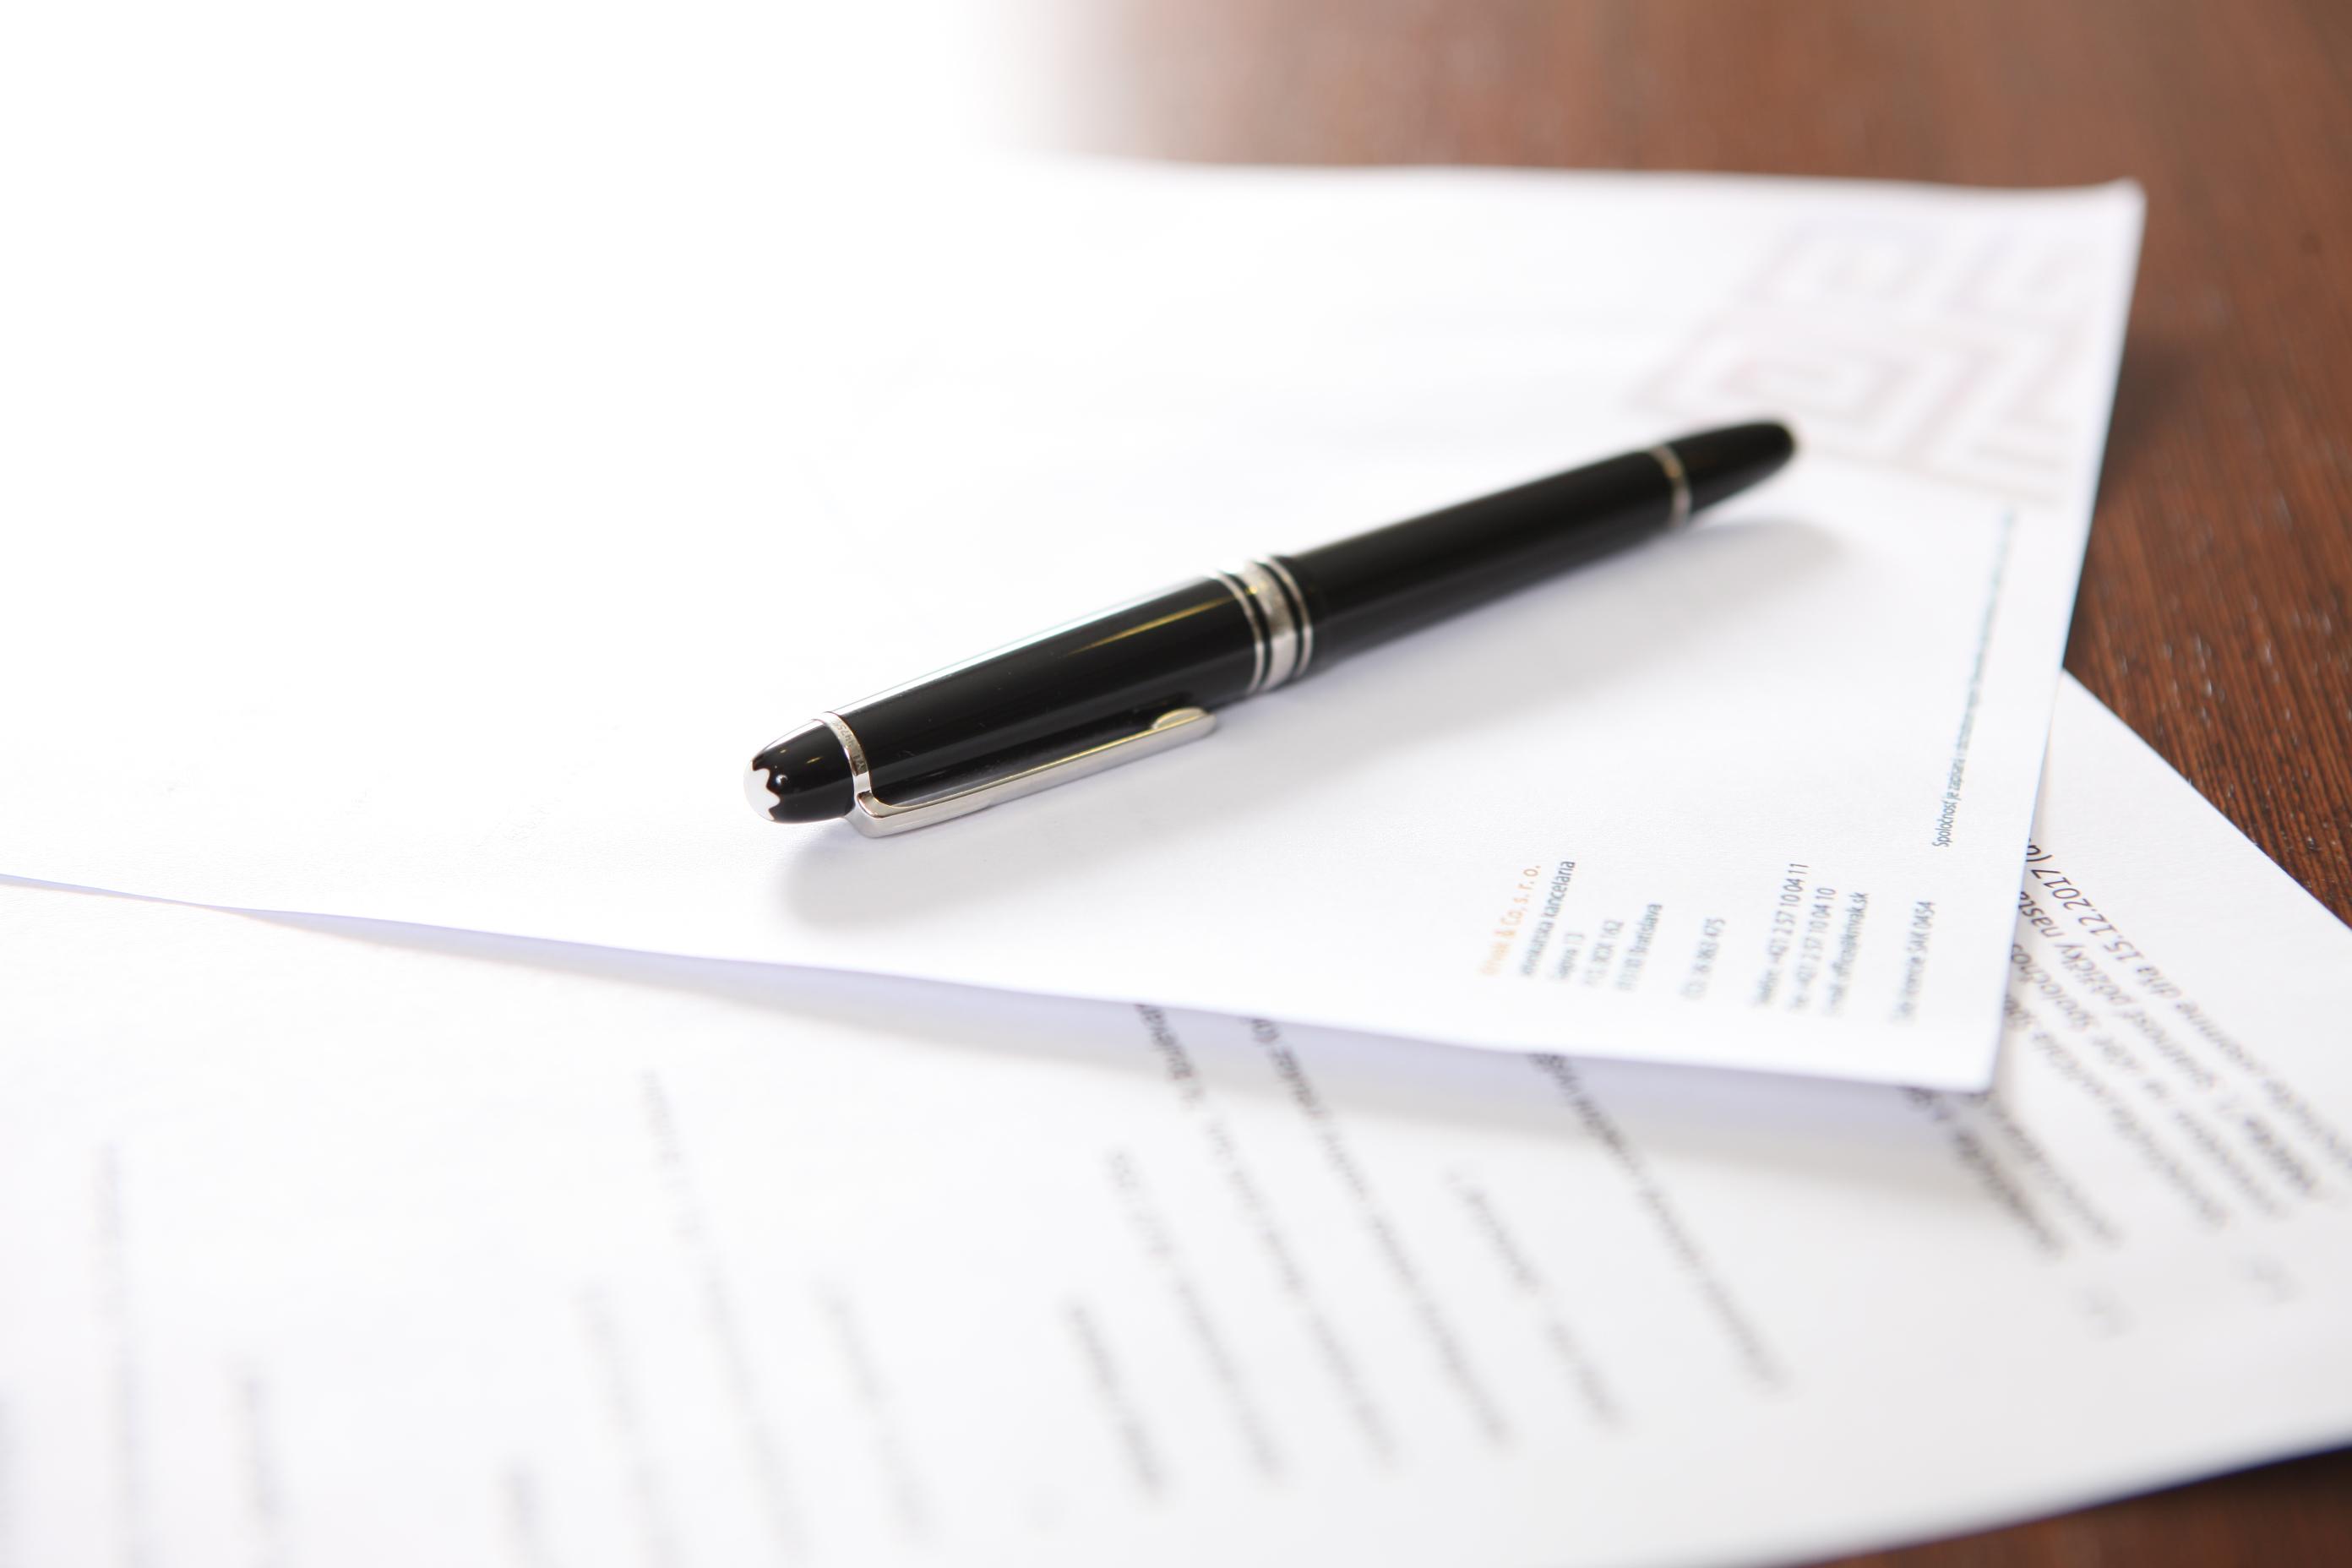 Záznam o spracovateľských činnostiach podľa Všeobecného nariadenia